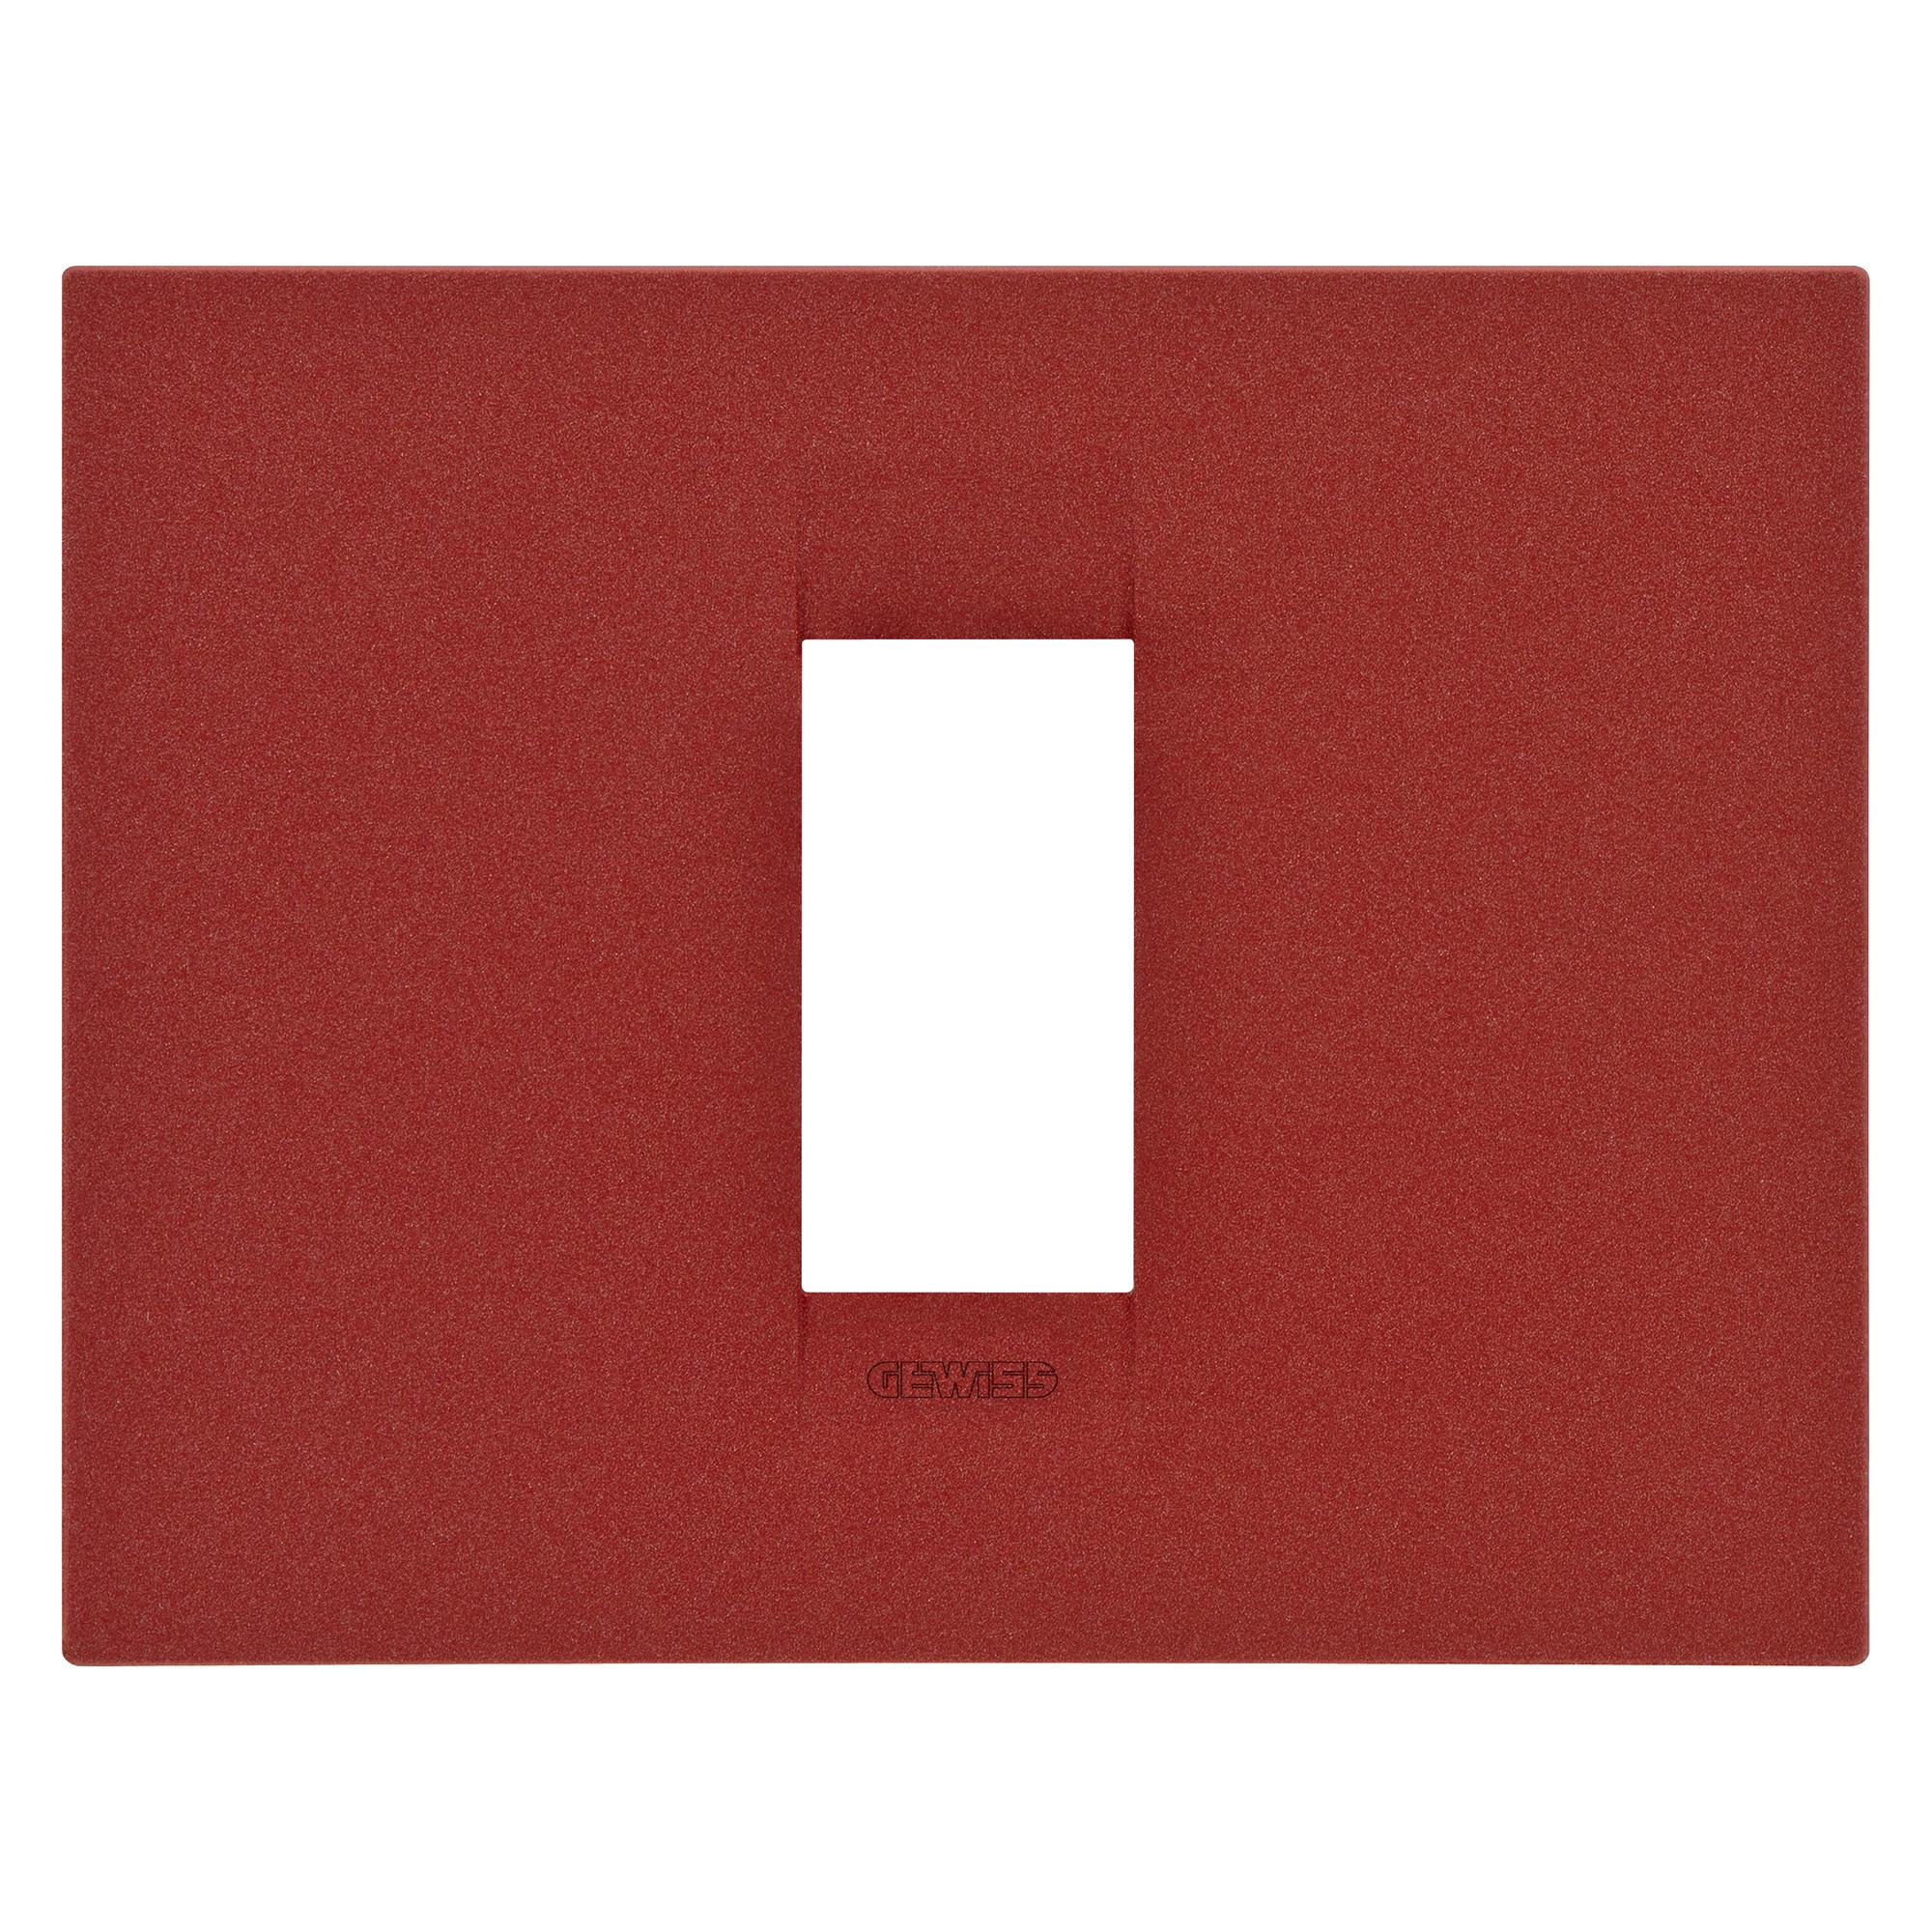 placca gw16401vr gewiss. Black Bedroom Furniture Sets. Home Design Ideas